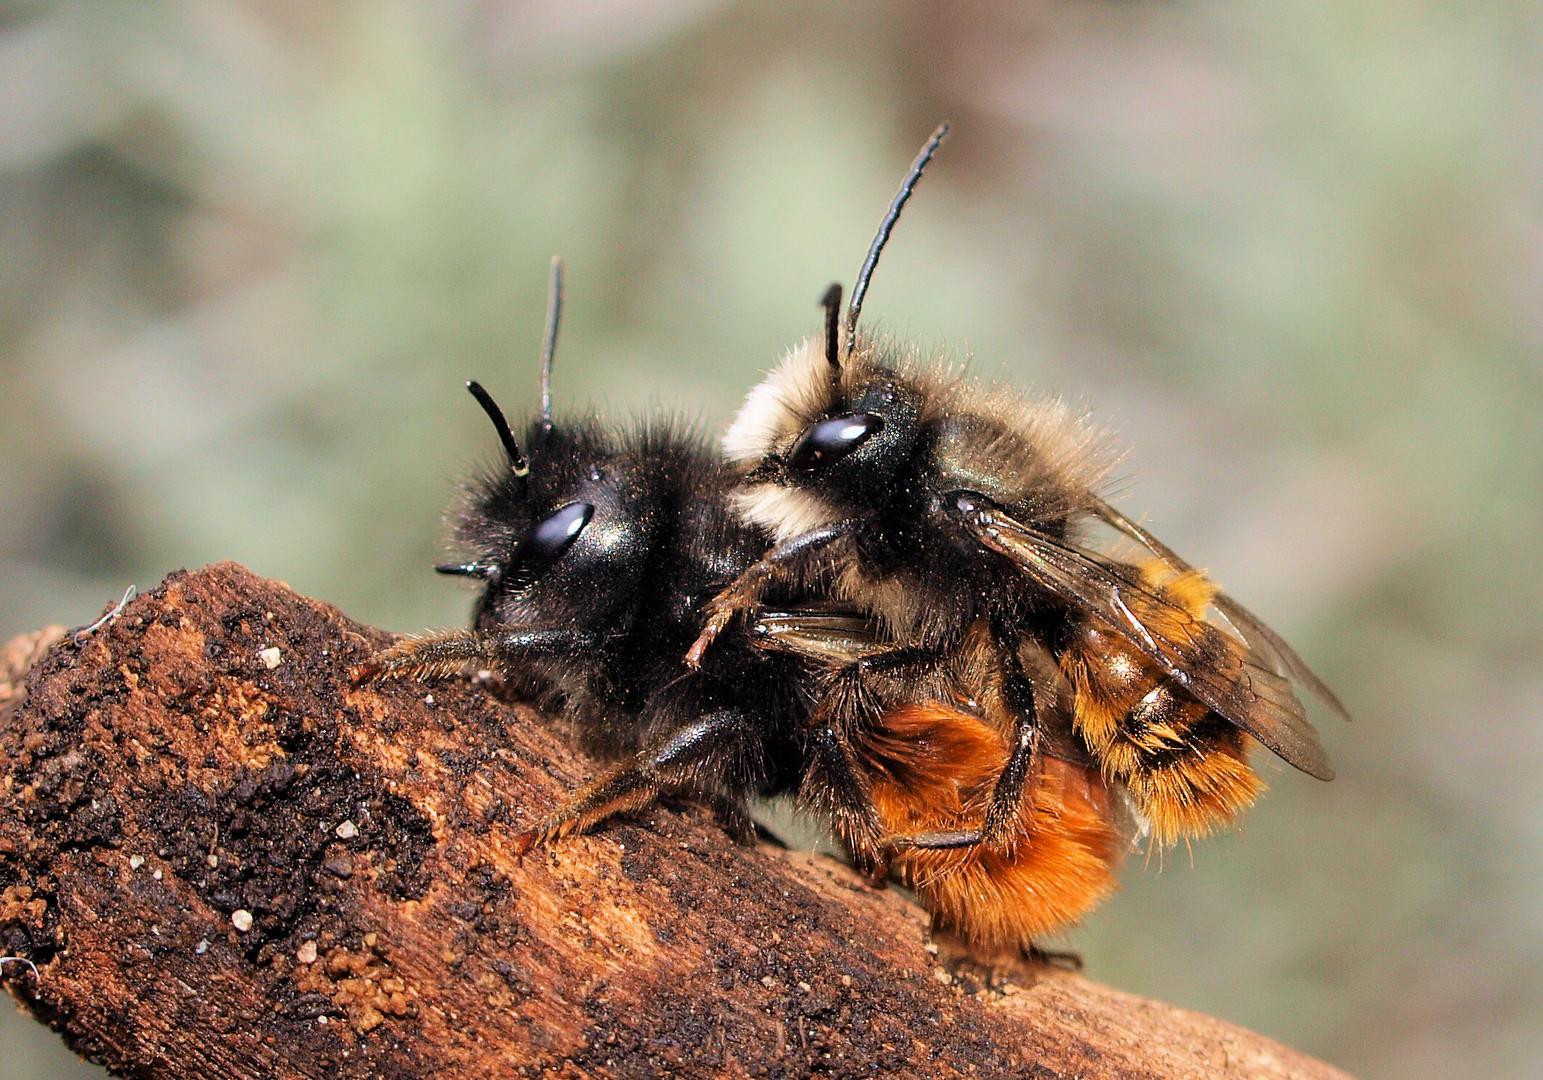 Nicht mehr ganz so traurig die Bienenmänner...